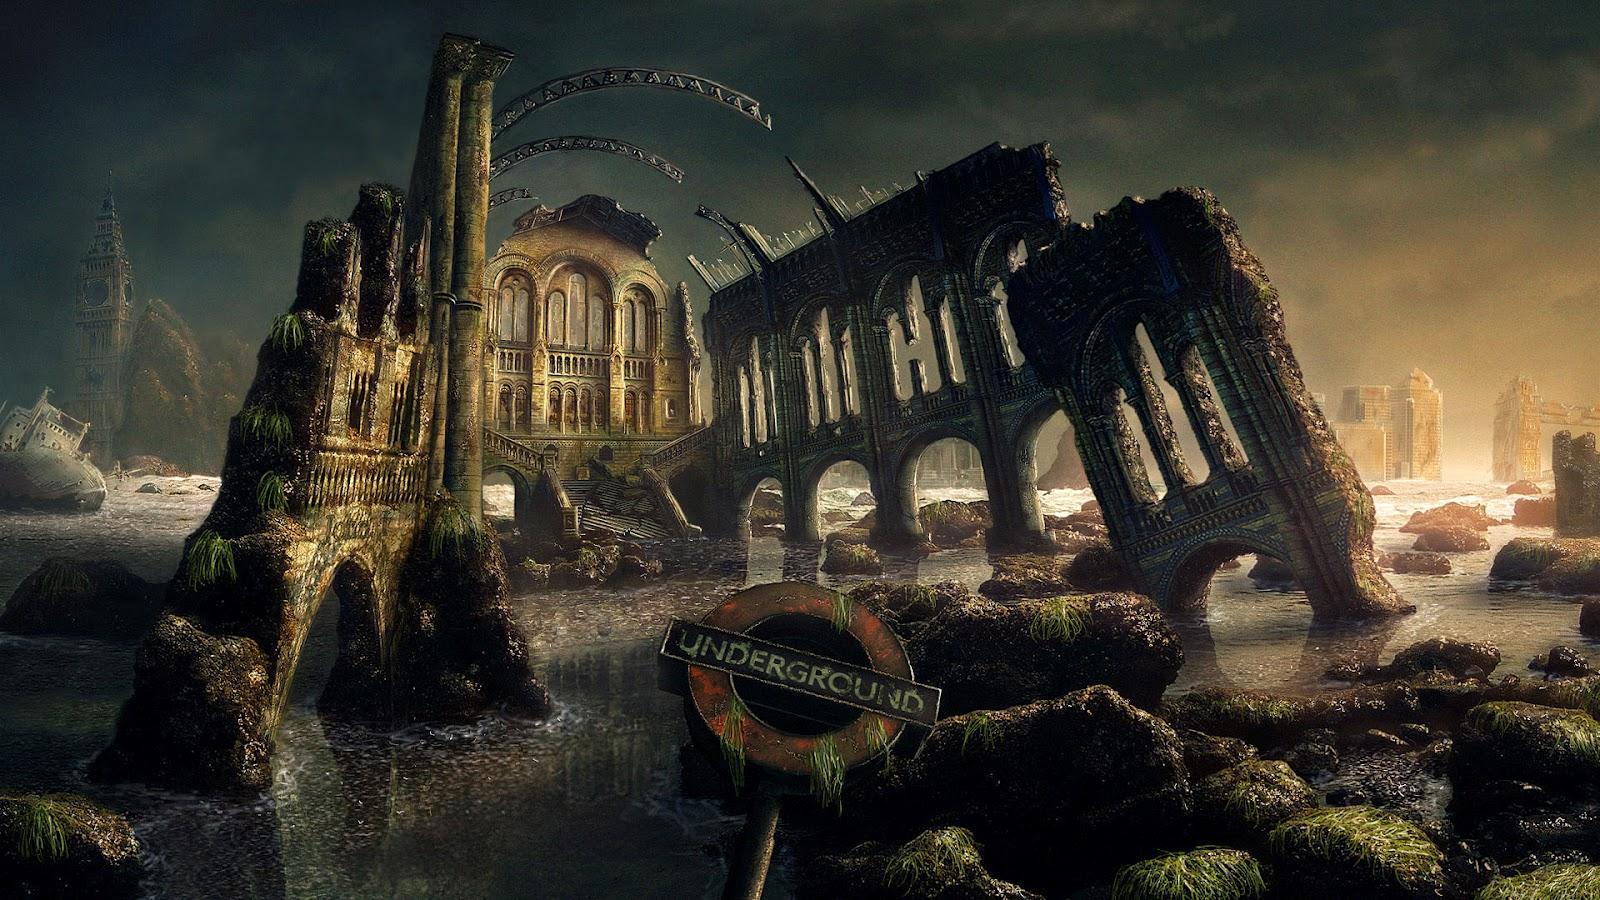 gears of war map scene wallpaper background 2 scenery landscape epic 1600x900